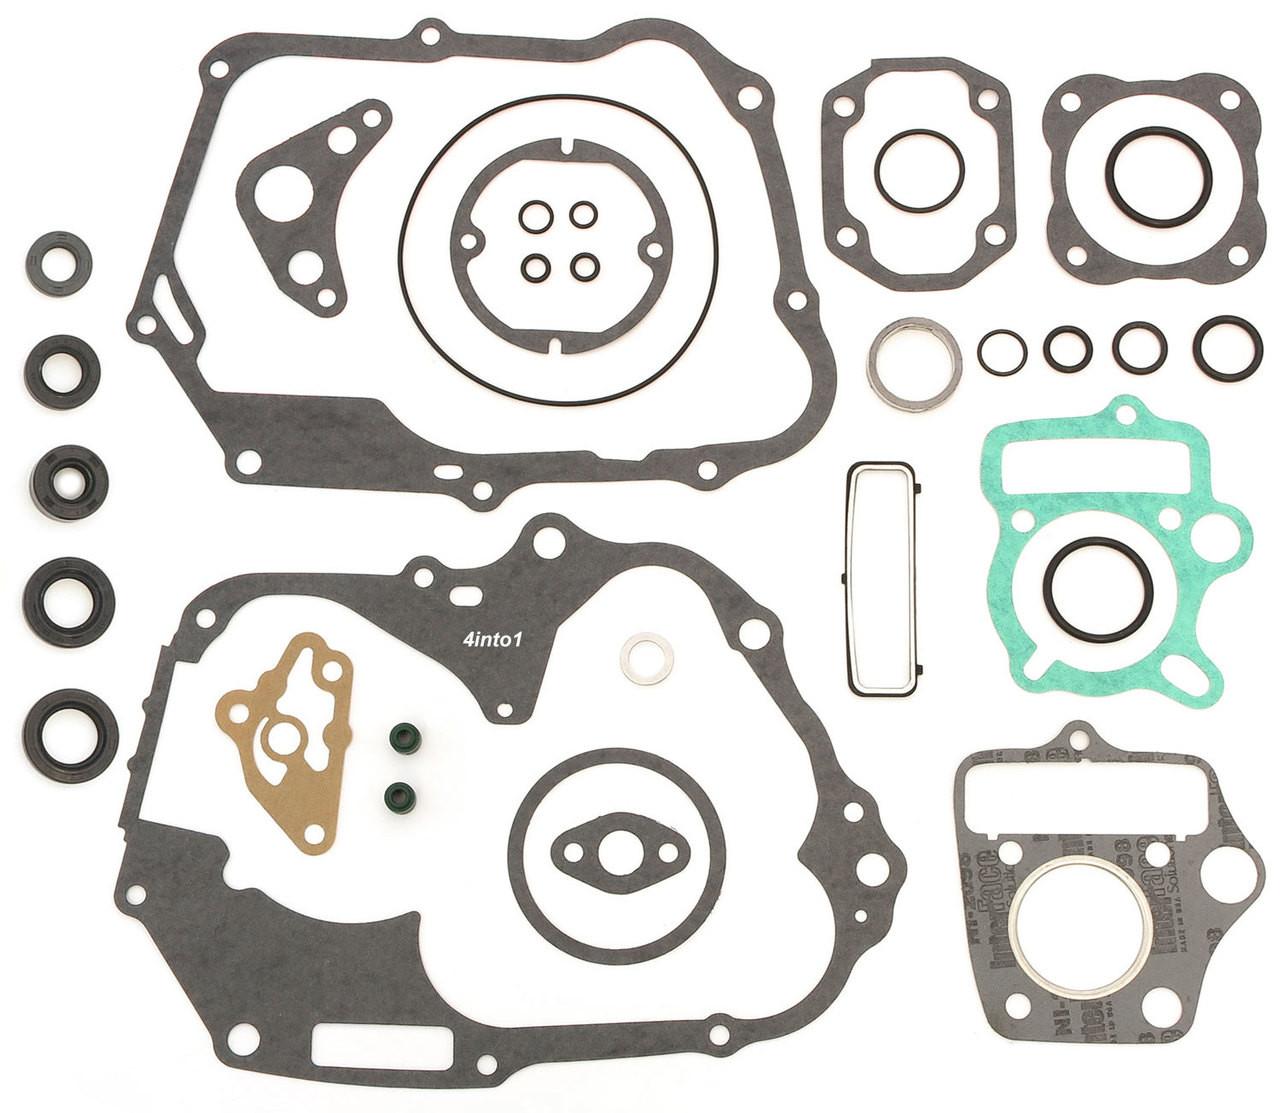 Engine Rebuild Kit - Honda Z50R - 1979-1999